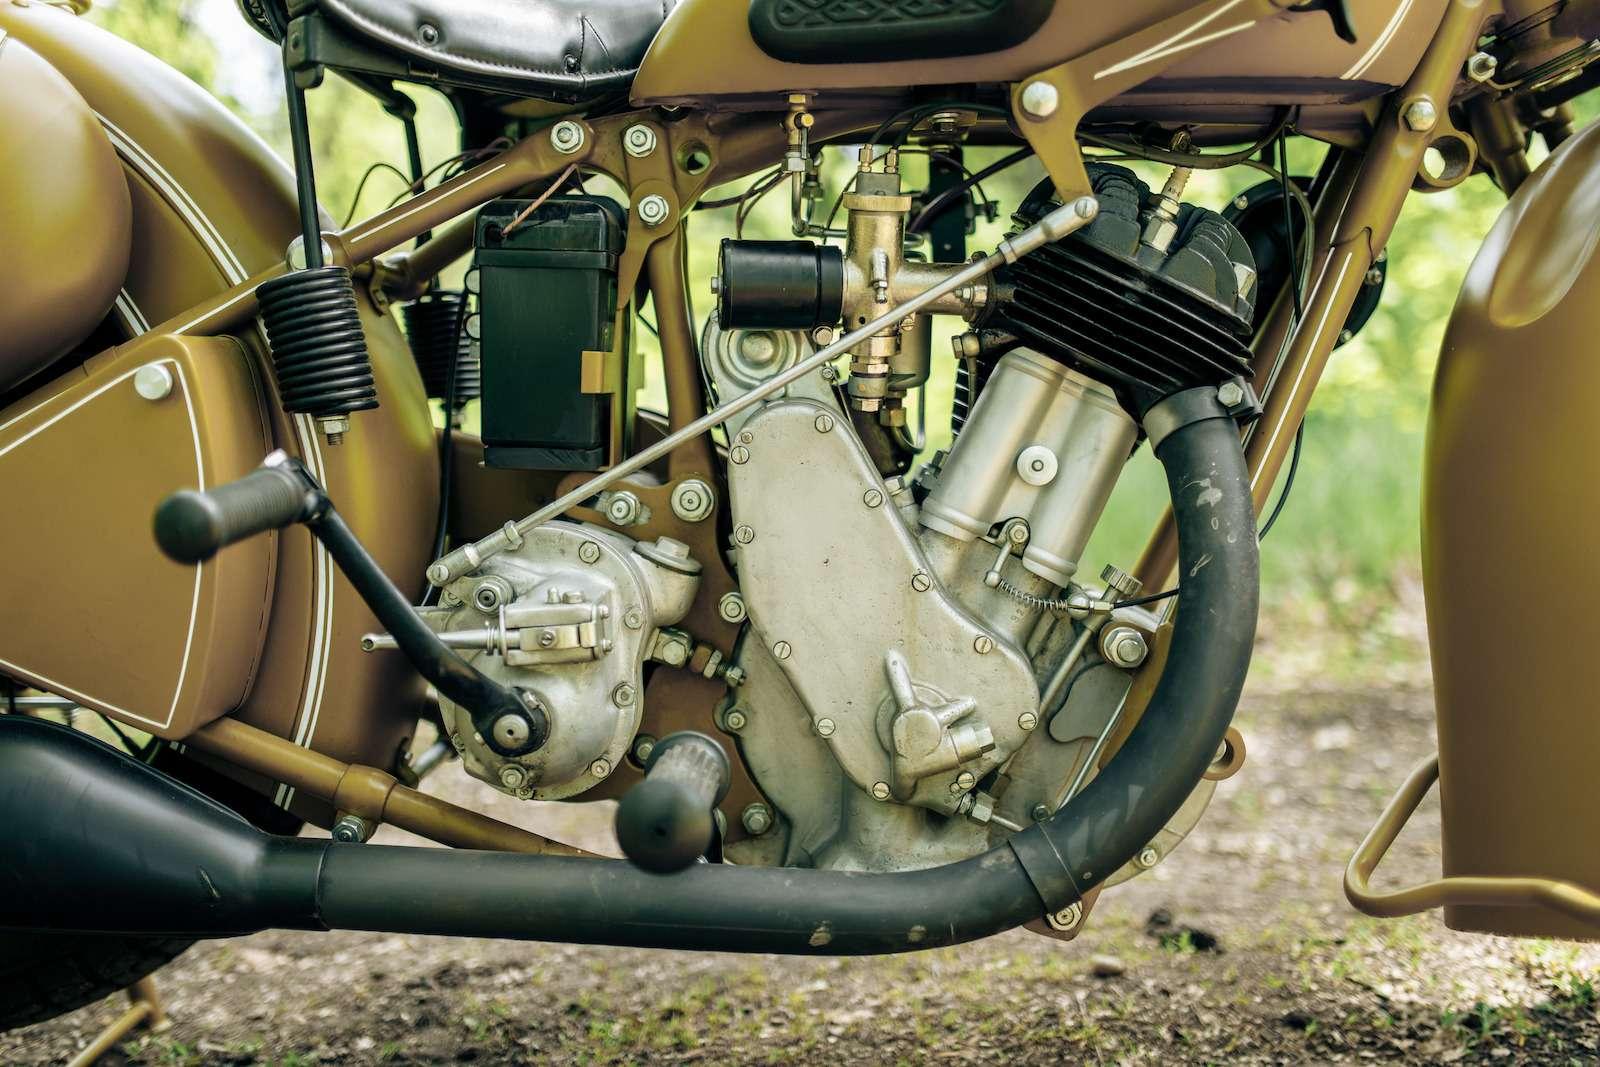 «Шестисотый» изТаганрога: как мыклонировали британский байк— фото 922056